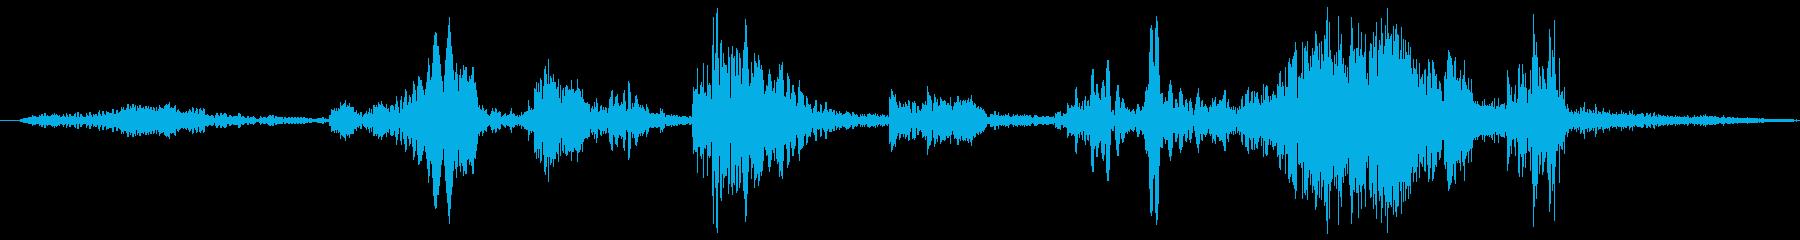 クイックワイプビープ音の再生済みの波形